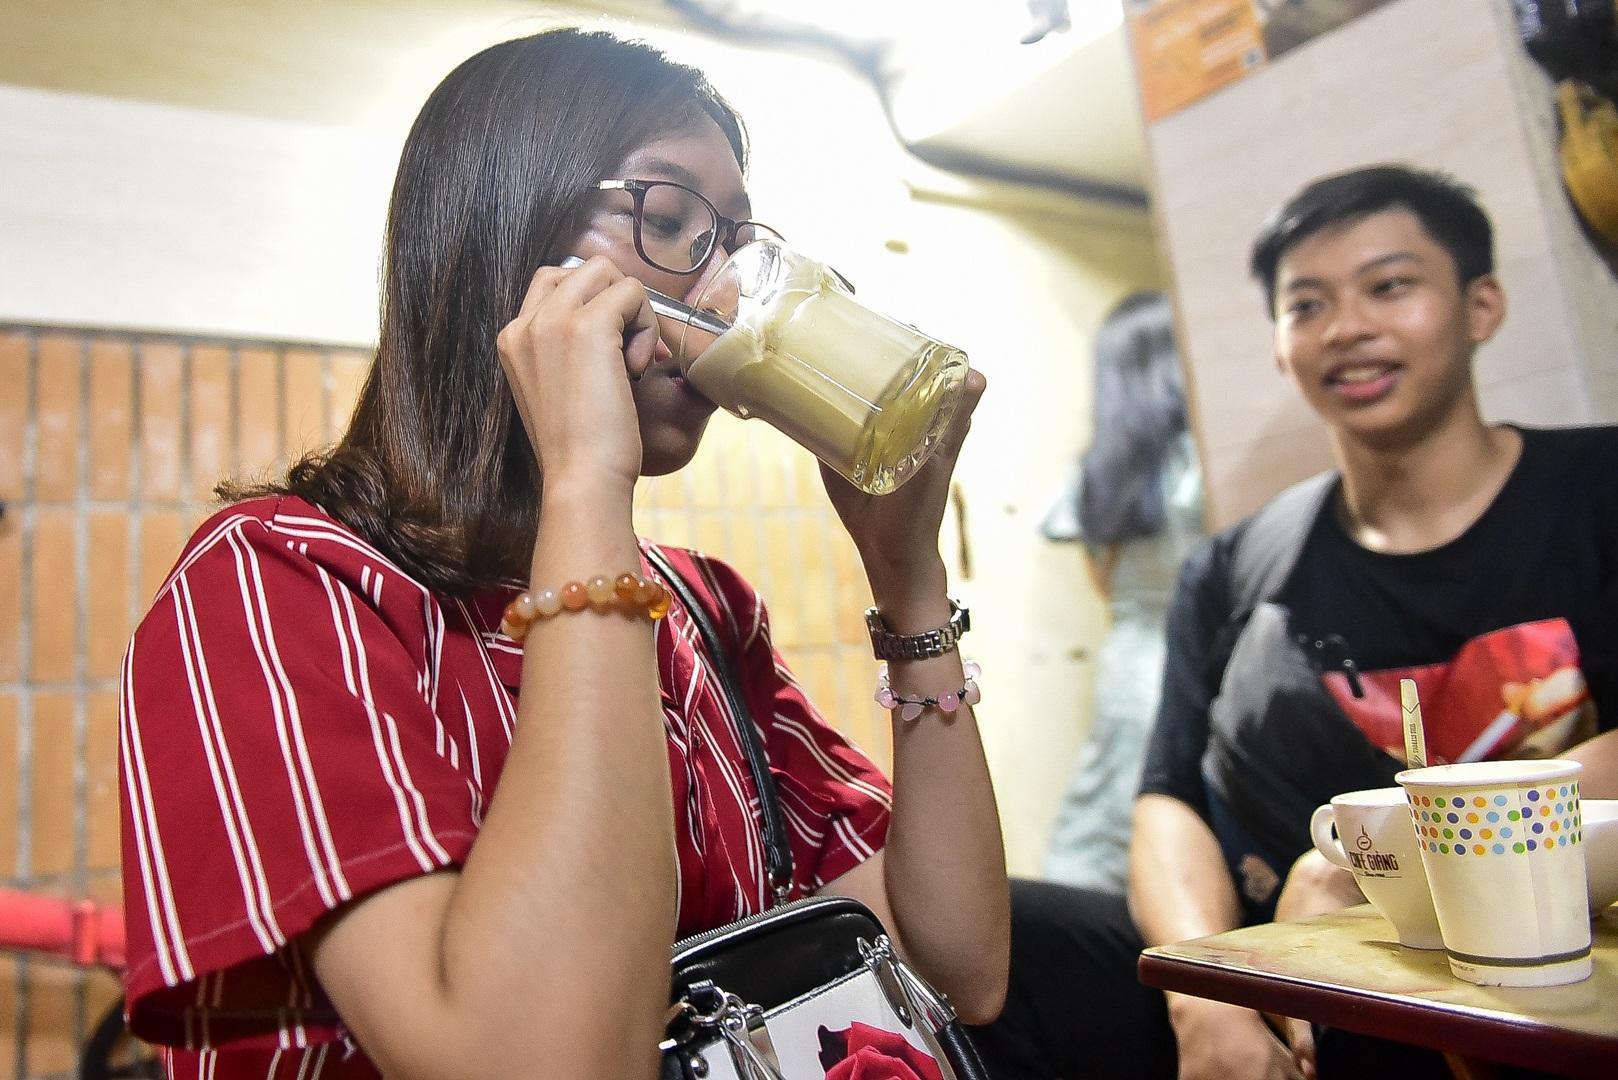 Món lạ Hà thành: Độc đáo món bia trứng khiến thực khách thích mê - 9